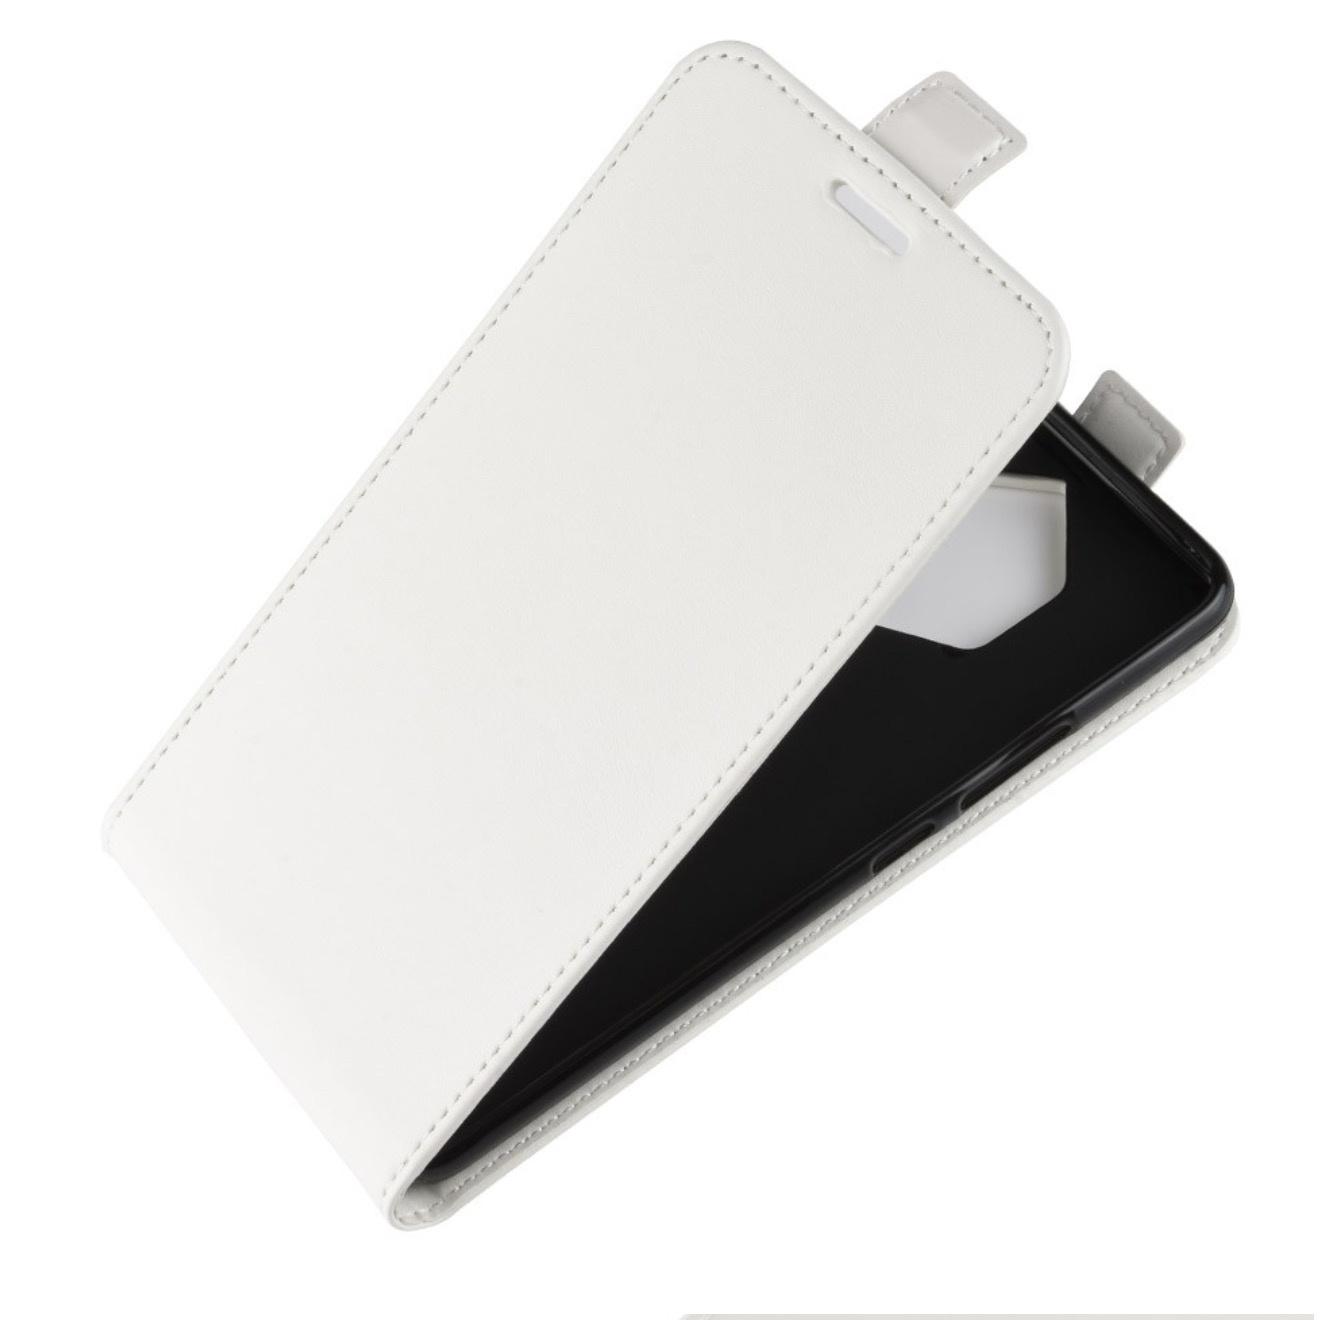 Чехол-флип MyPads для Asus Zenfone 2 5.5 ZE551ML/ Zenfone 2 Deluxe/ 2 Deluxe SE ZE551ML (Z00AD) вертикальный откидной белый стоимость